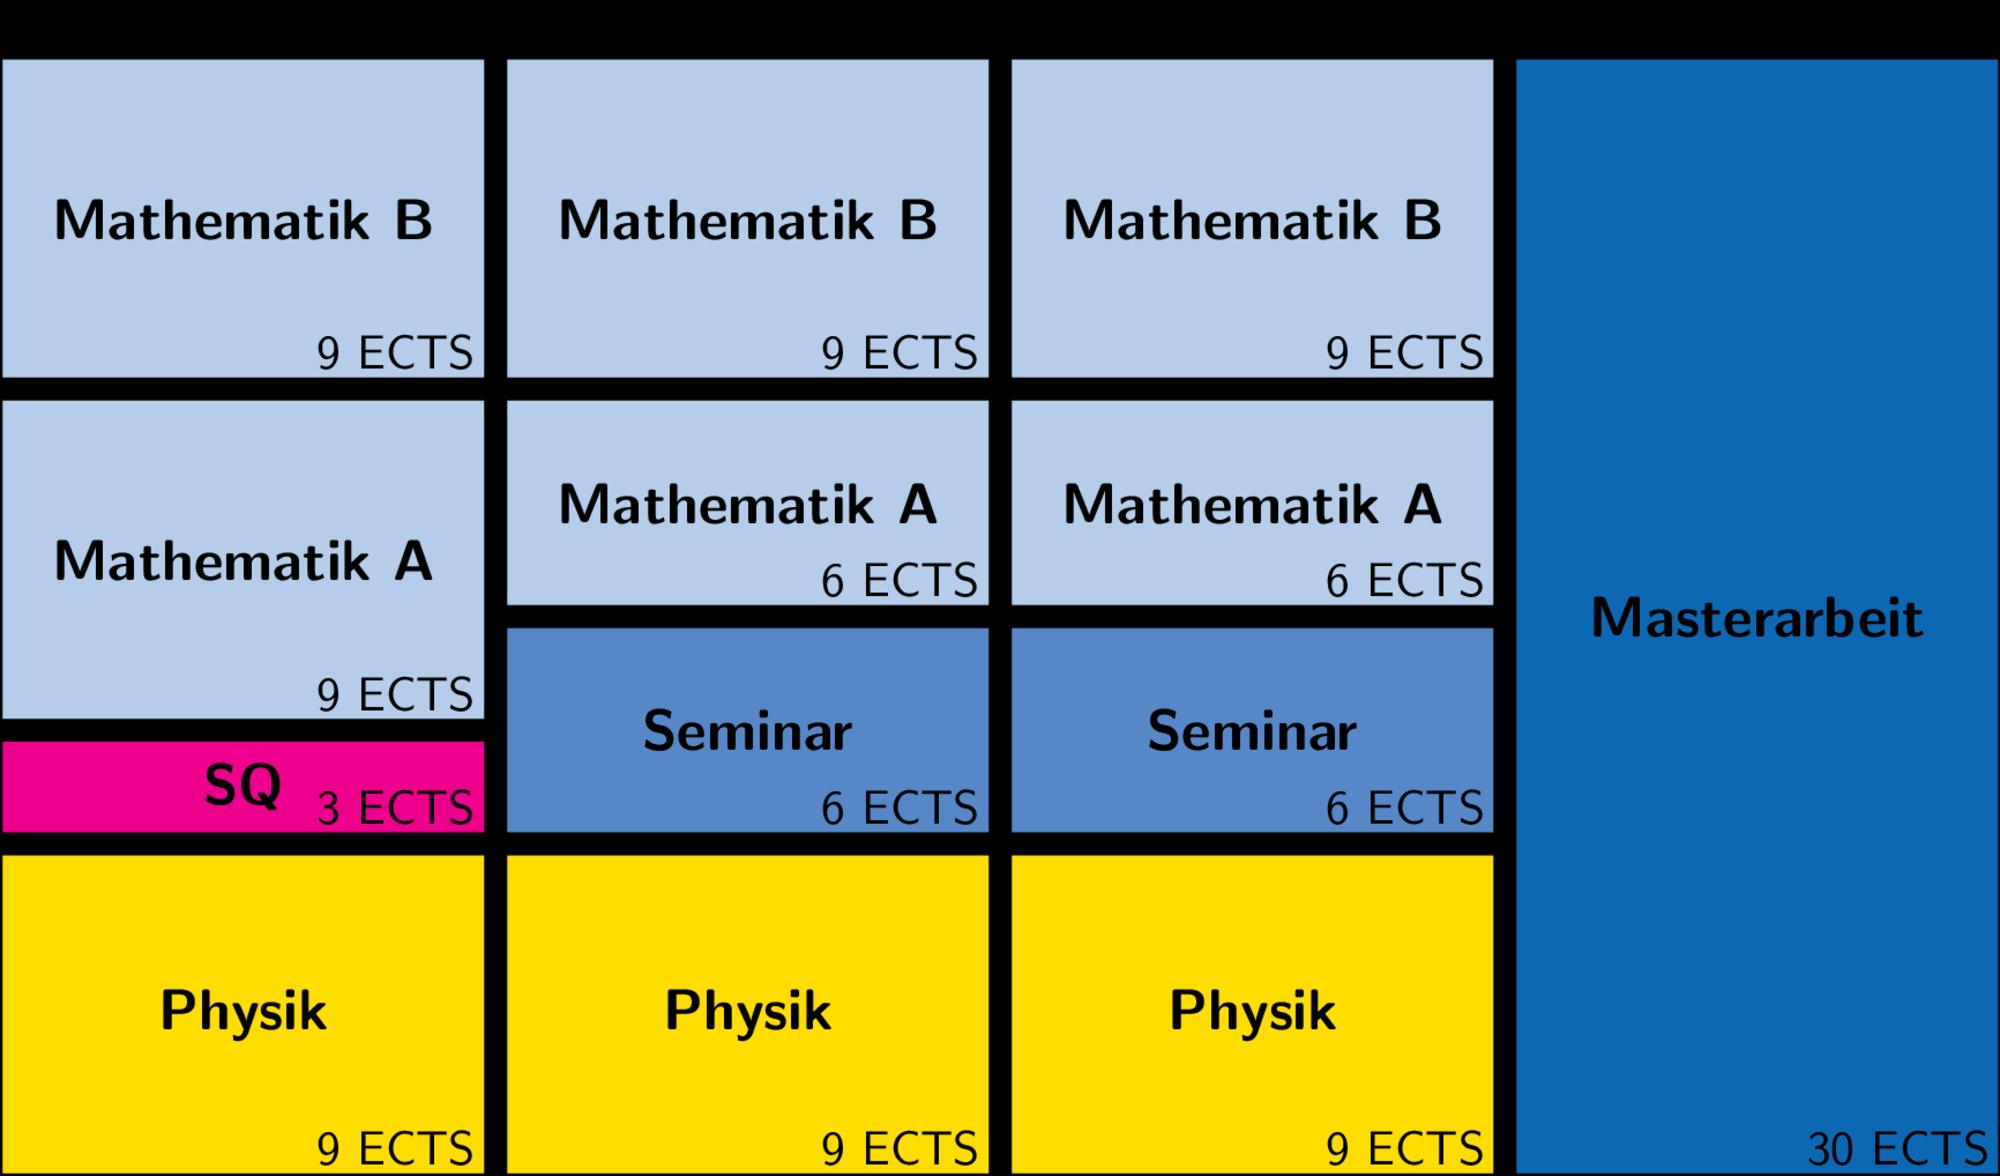 https://opencms.uni-stuttgart.de/fak8/fakultaet/studium/abbildungen/abbildungen_mathematik/Beispiel_2_Studienverlauf_Master_Mathematik.png